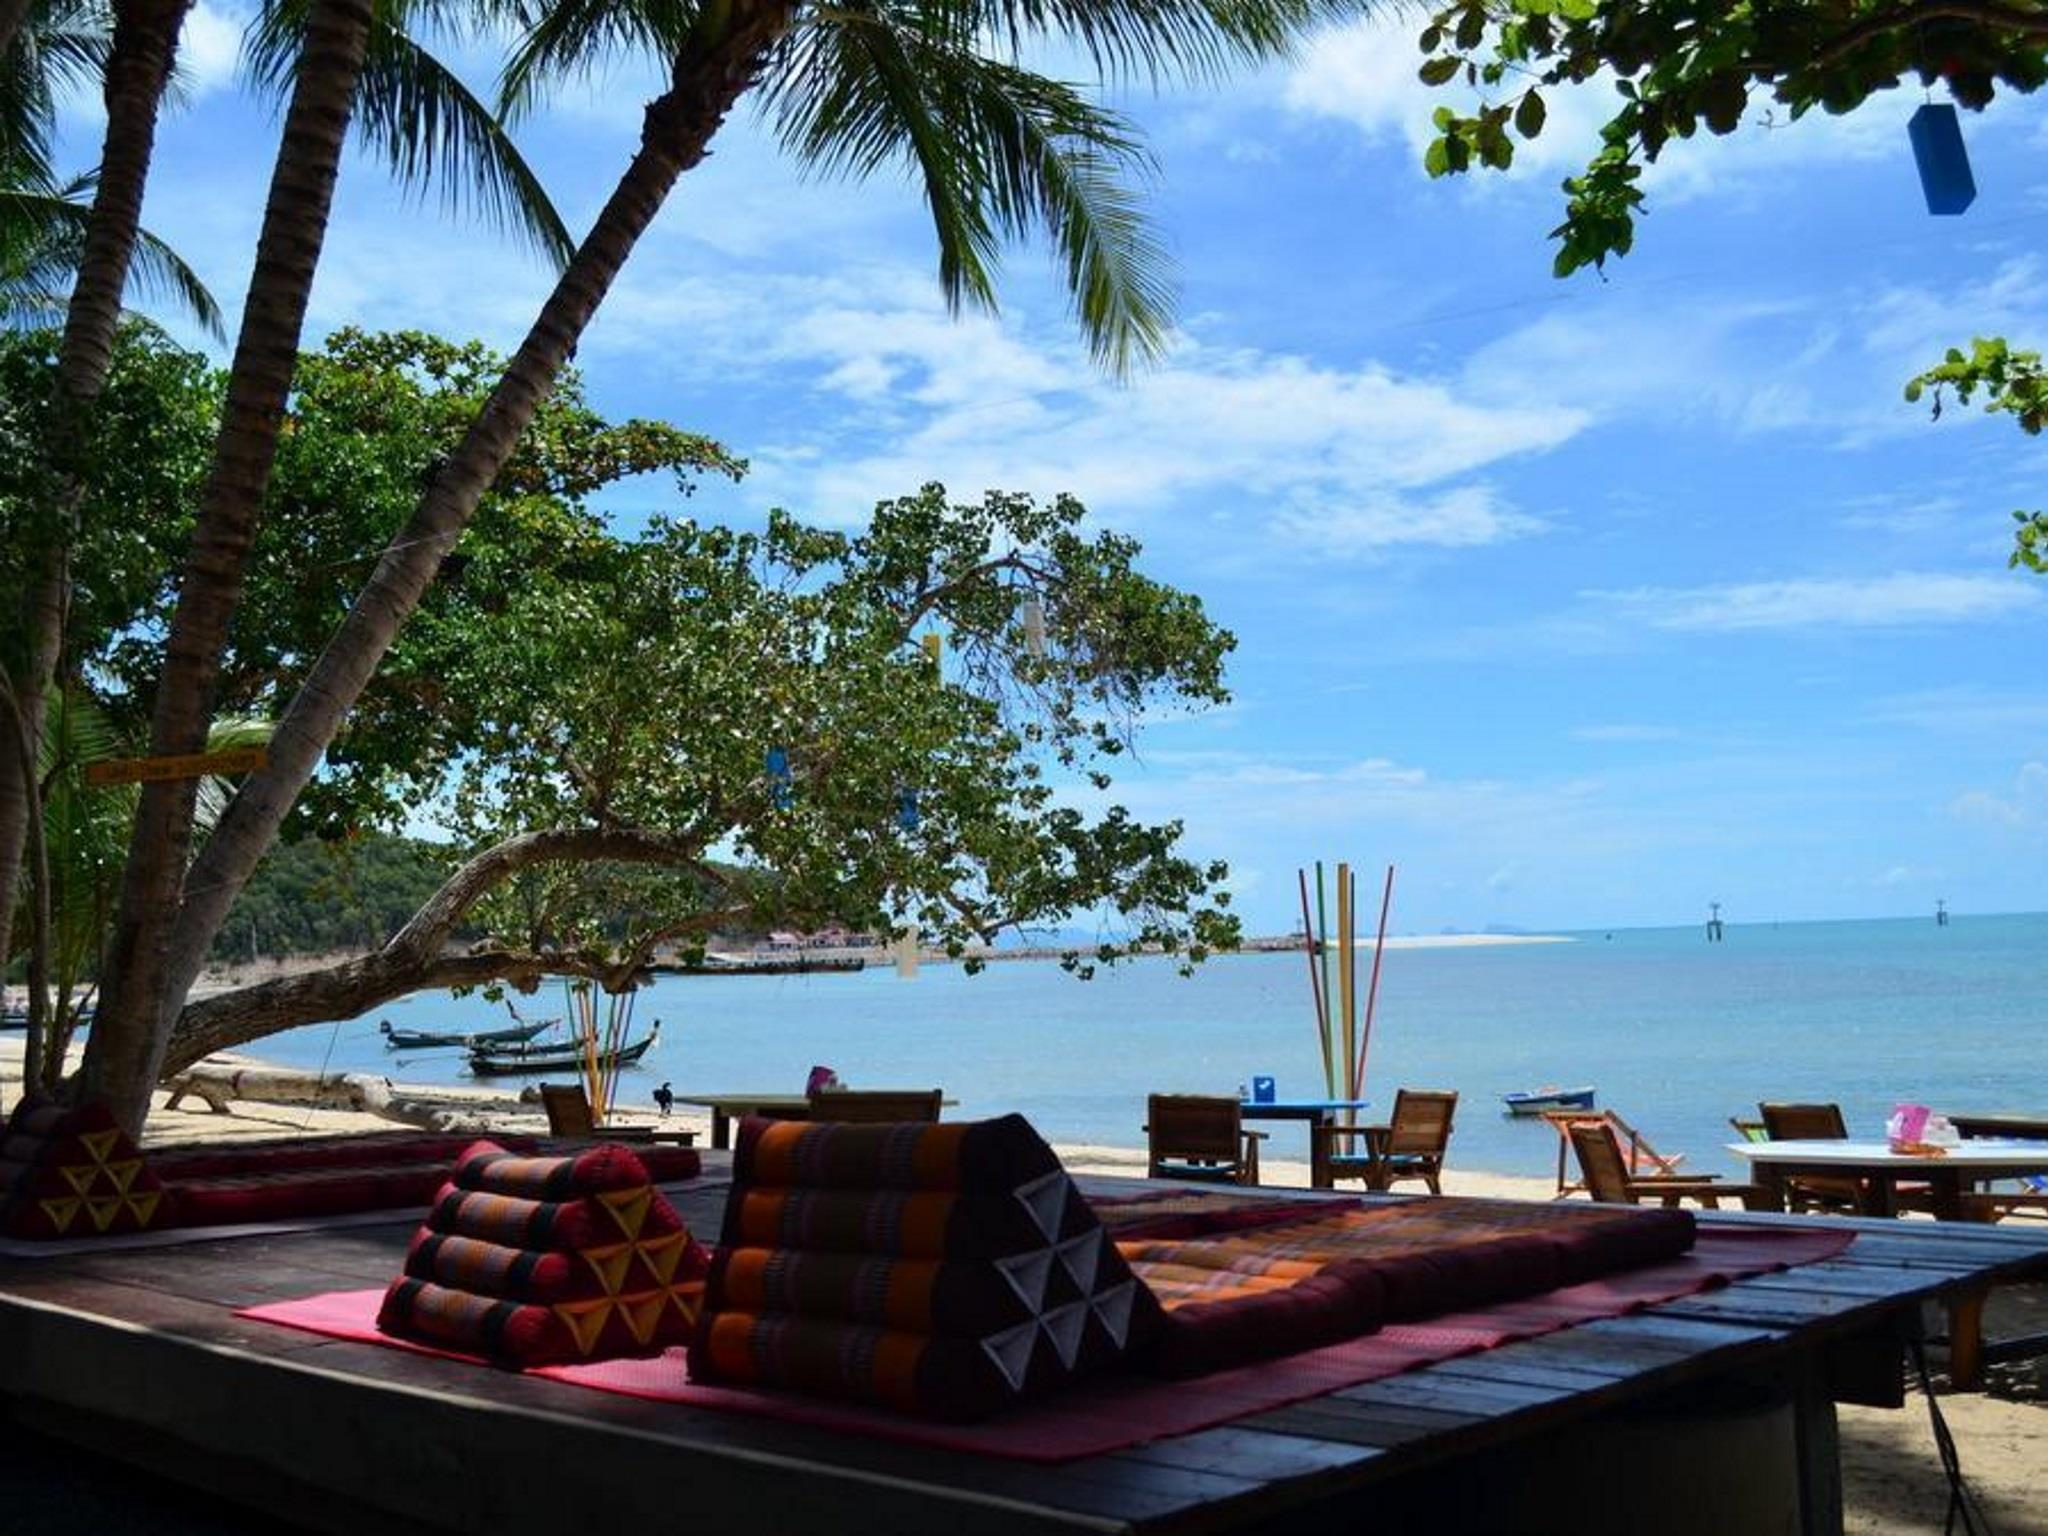 Think and Retro Cafe Lipa Noi Hotel ธิ้งแอนด์รีโทร คาเฟ่ ลิปะน้อย สมุย